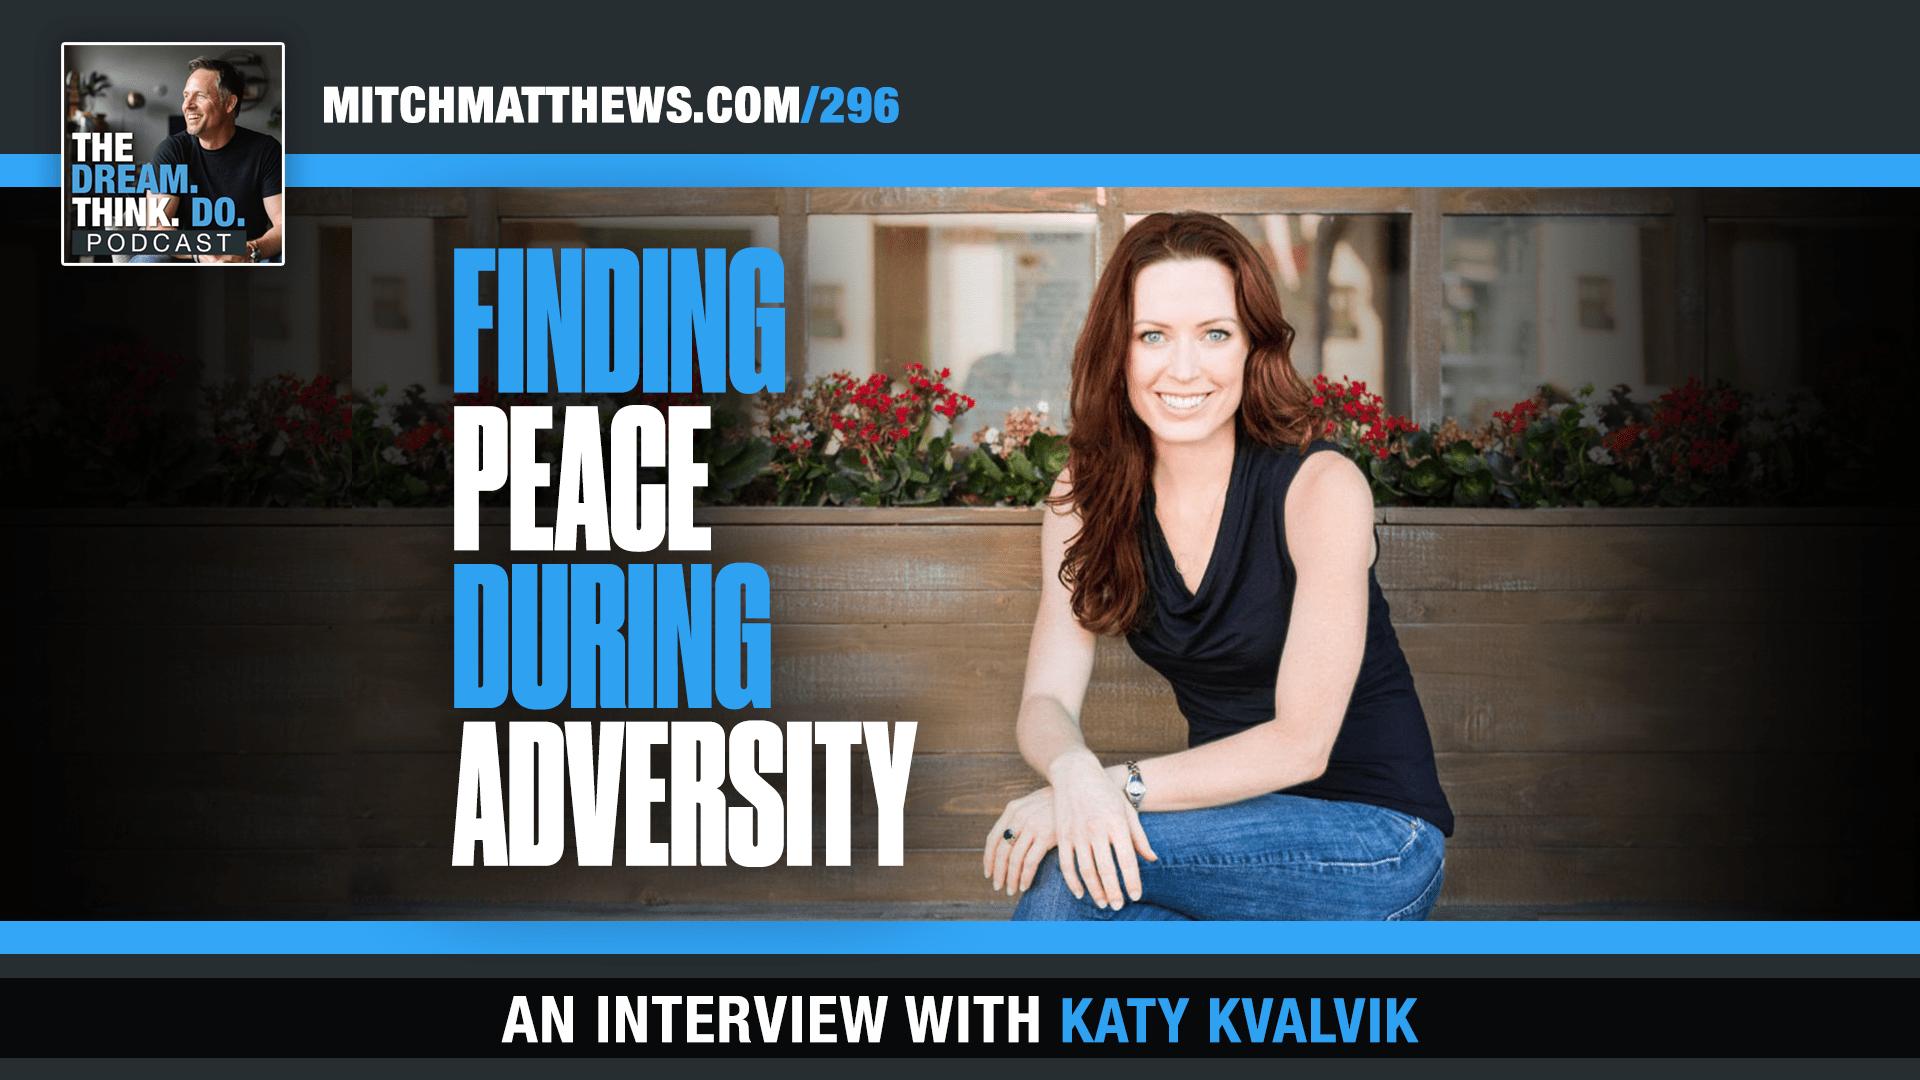 Katy Kvalvik- Finidind Peace during Adversity